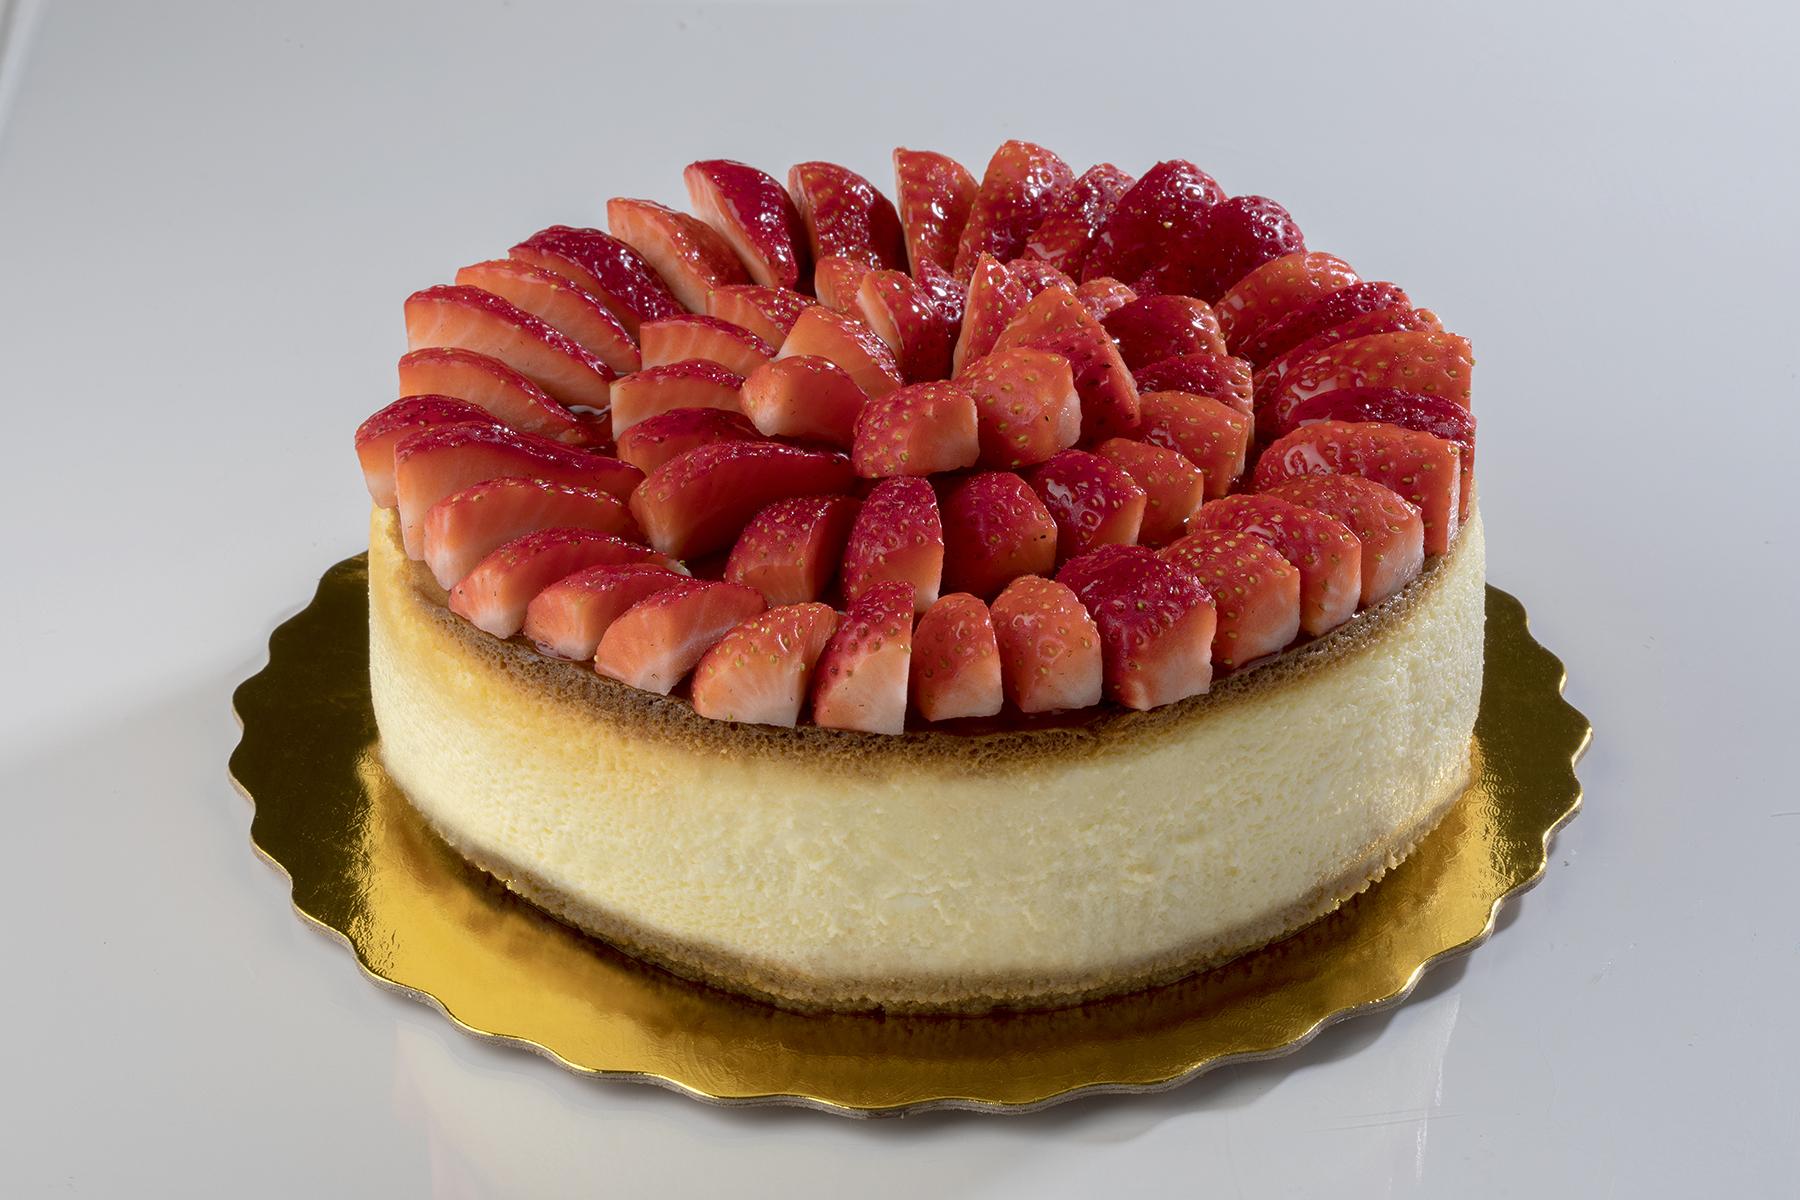 Versailles Bakery Strawberry cheesecake